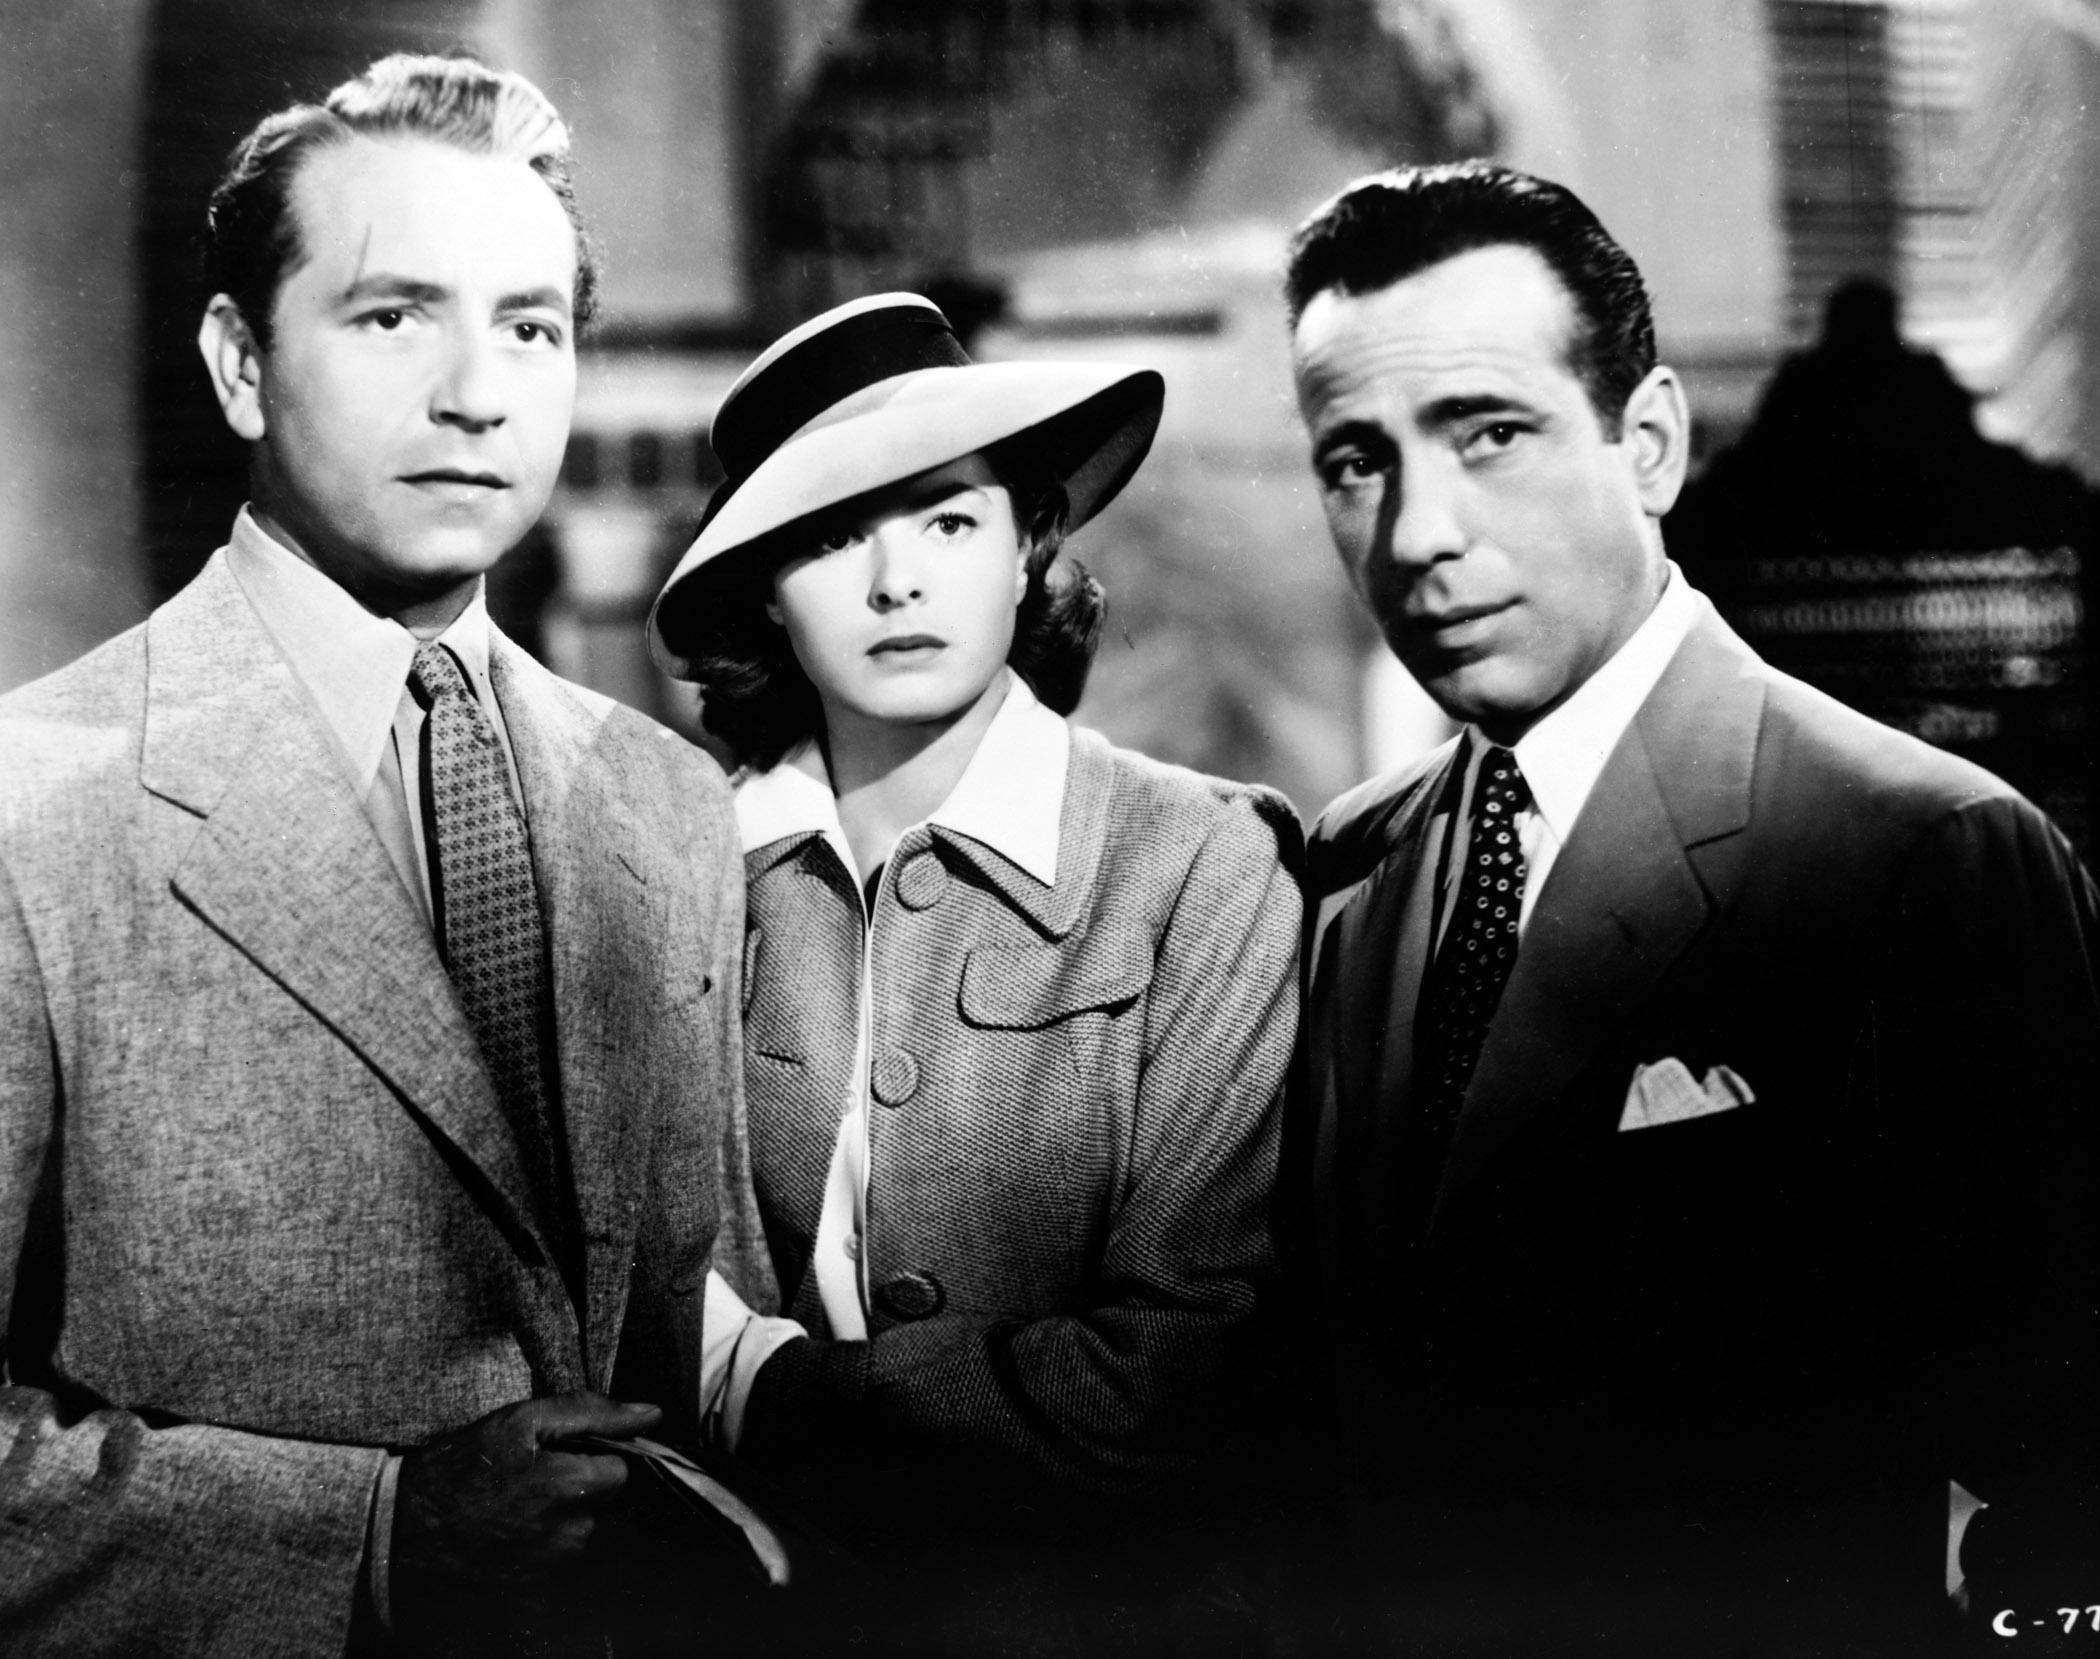 Casablanca/Cinema